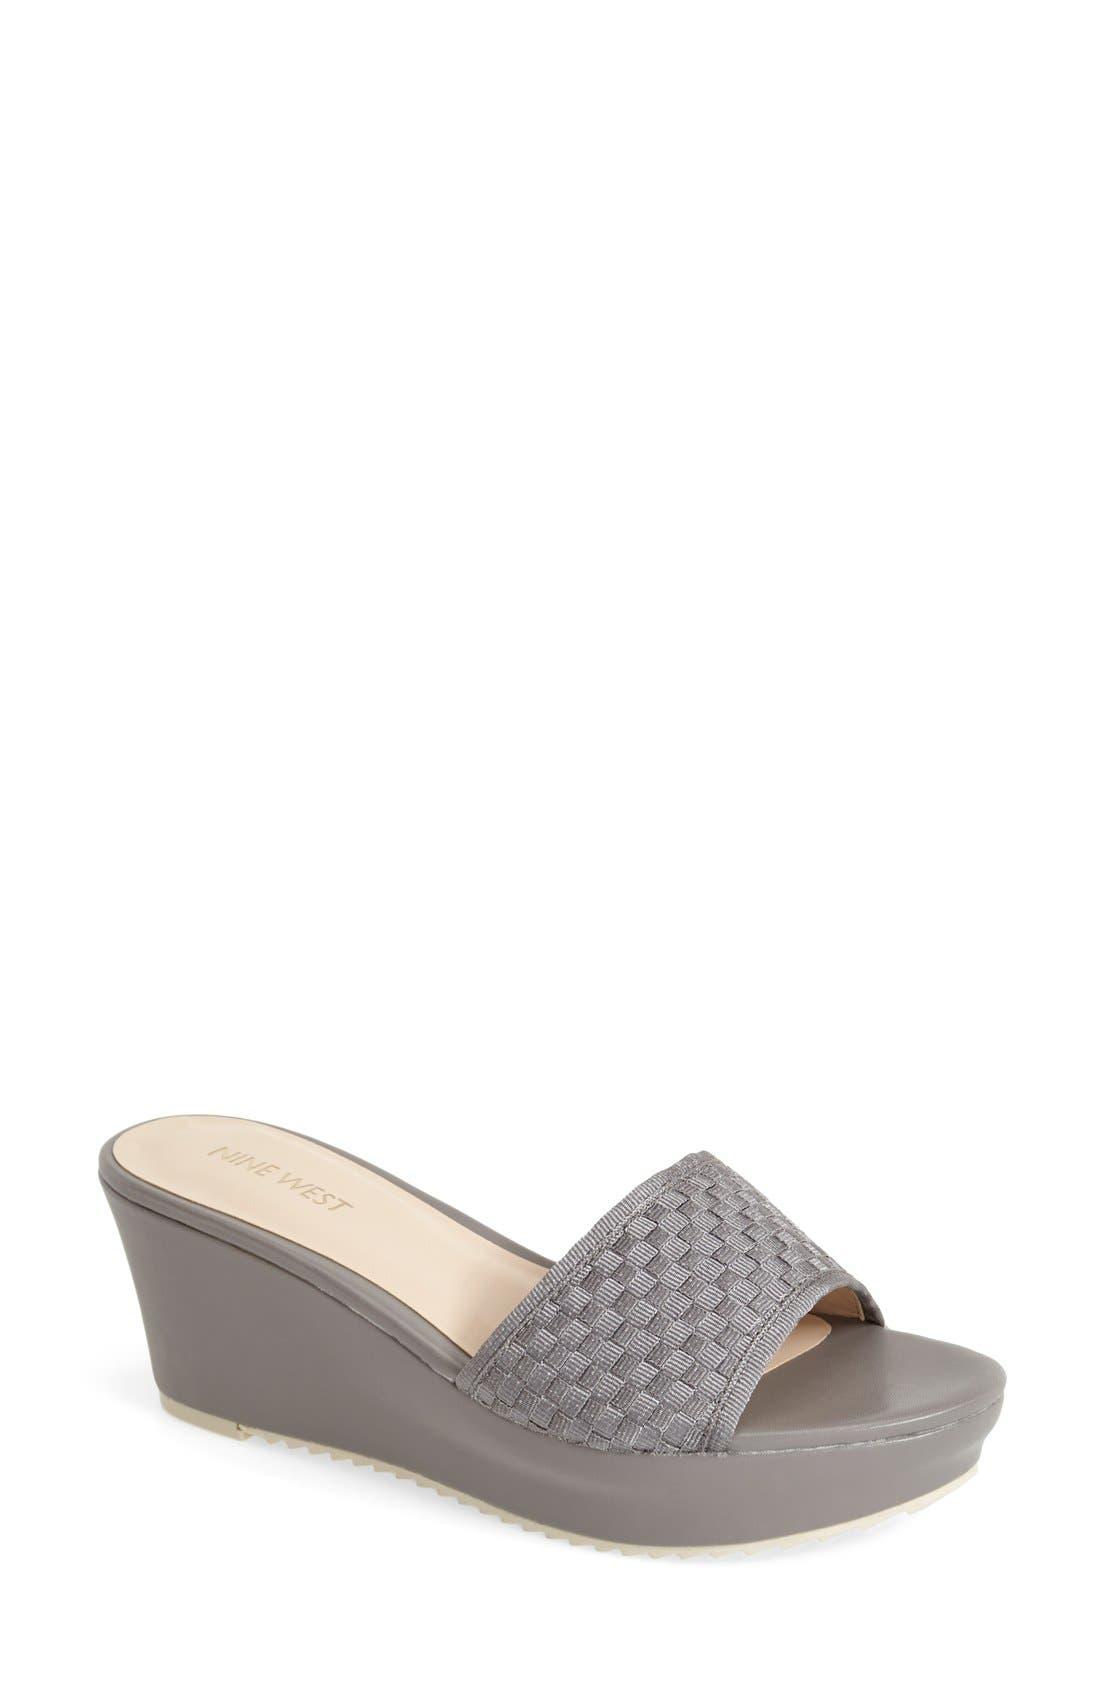 Main Image - Nine West 'Confetty' Sandal